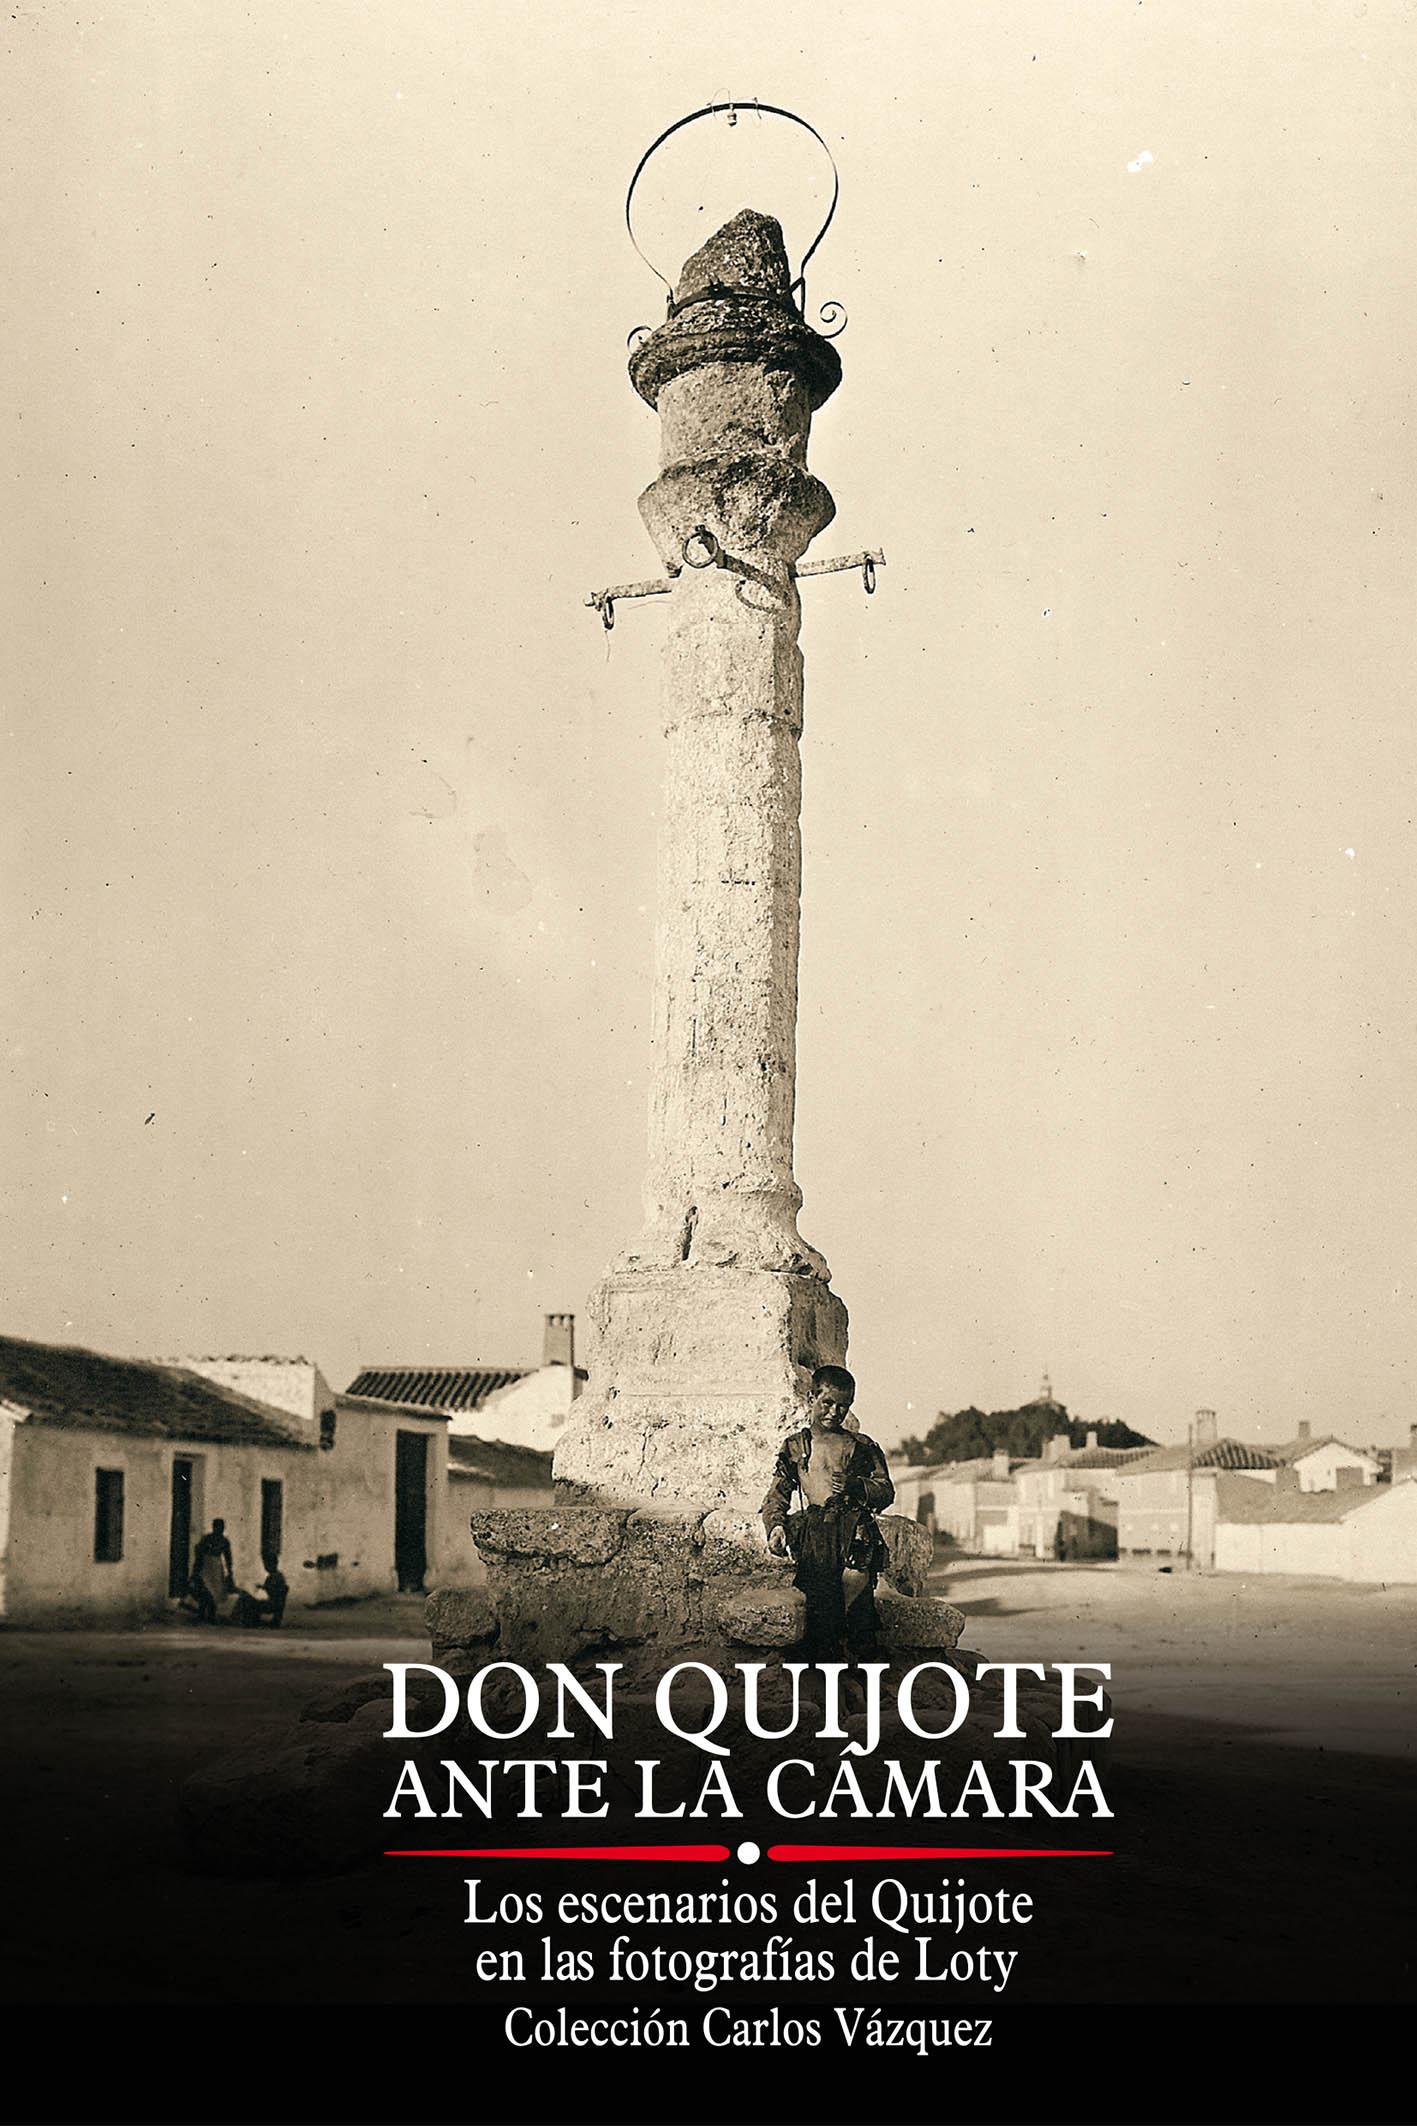 Los escenarios del Quijote fotografiados por Loty en 1926